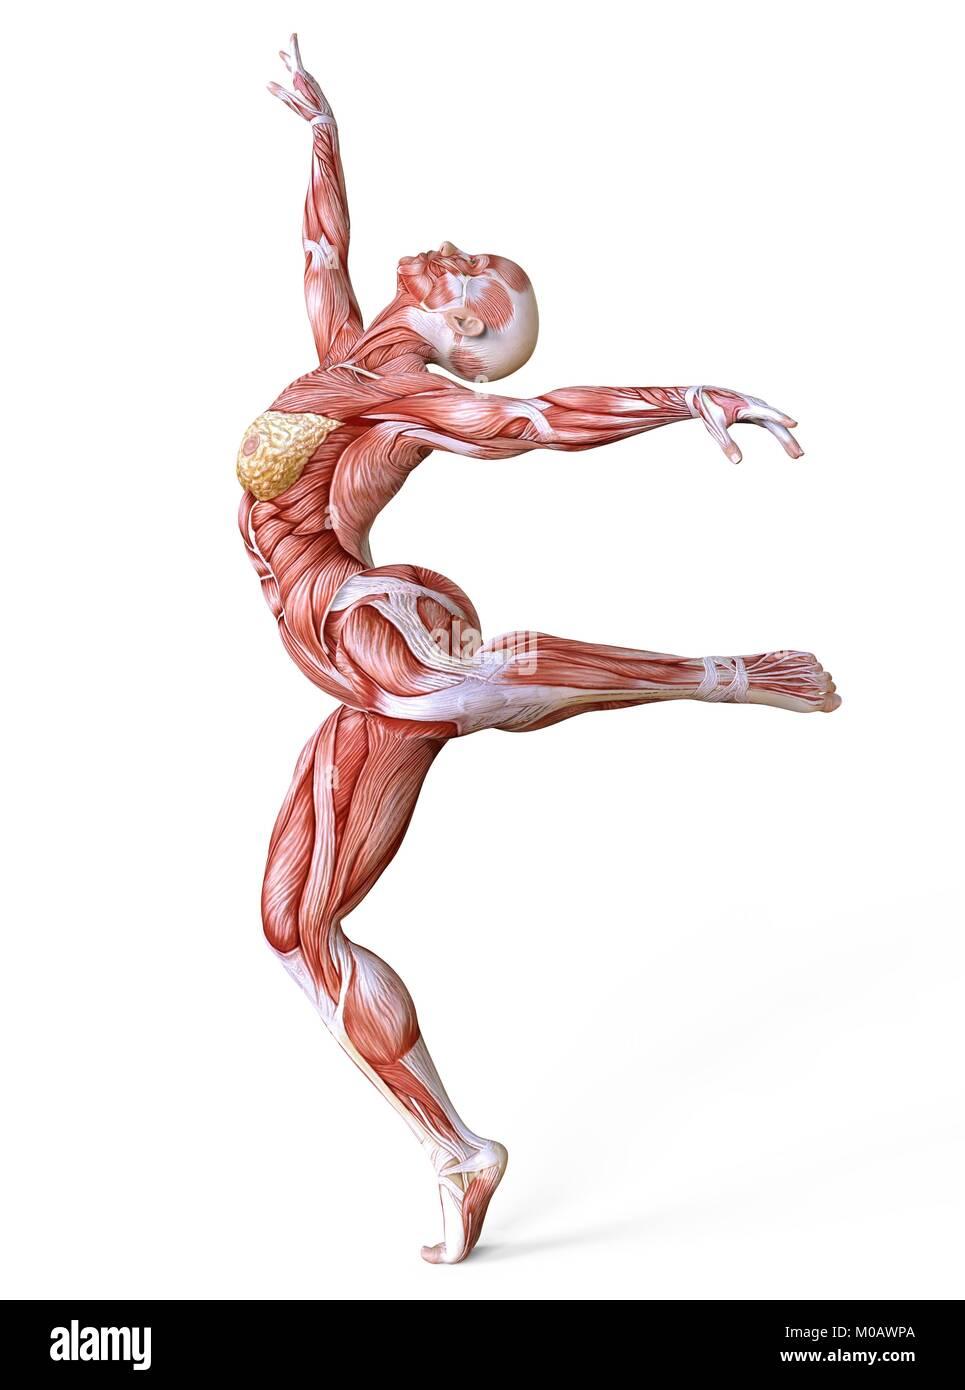 Ziemlich Muskeln Des Körpers Markierten Galerie - Anatomie Ideen ...